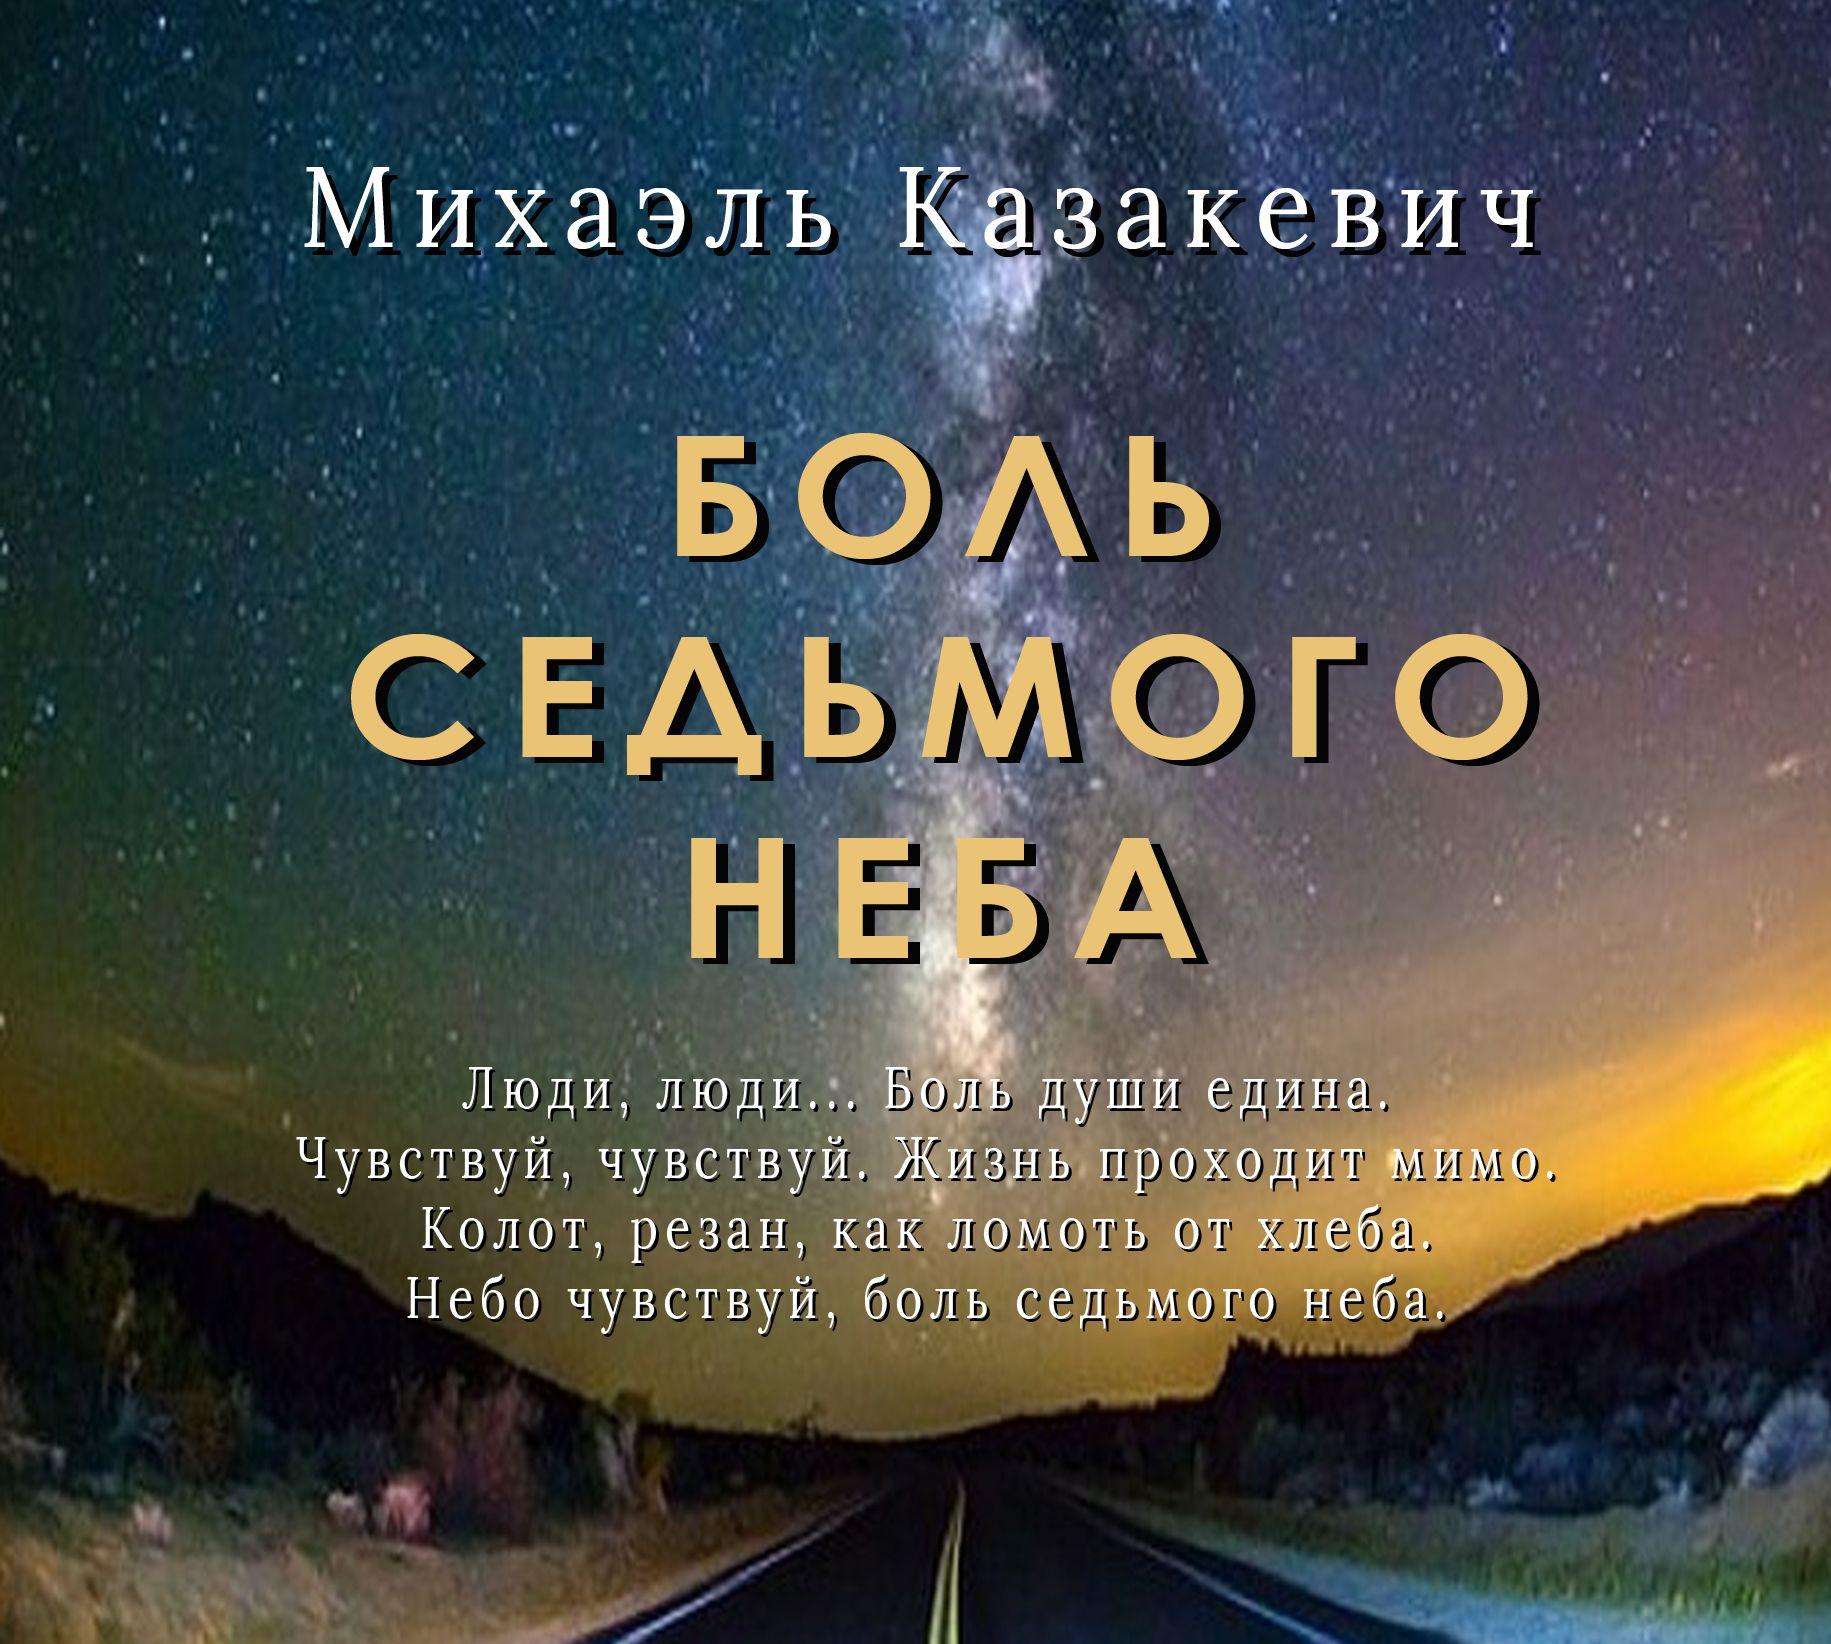 Электронная книга «Боль седьмогонеба» – Михаэль Казакевич